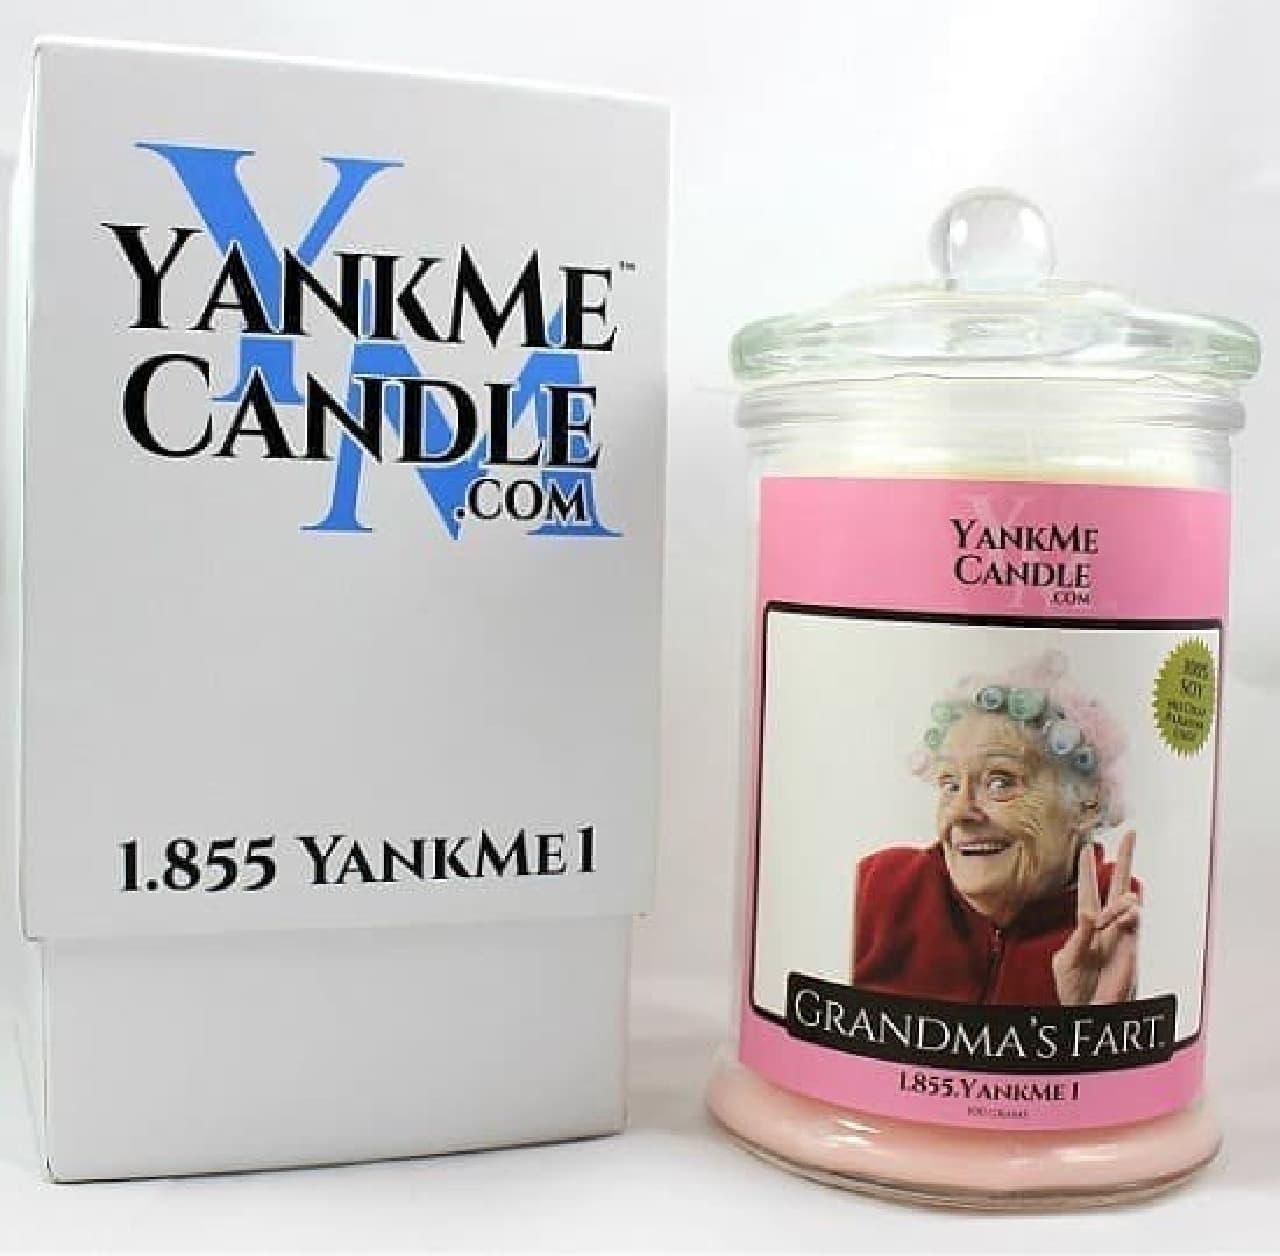 実はピーチ&クリームの香りがする「おばあちゃんのおなら」